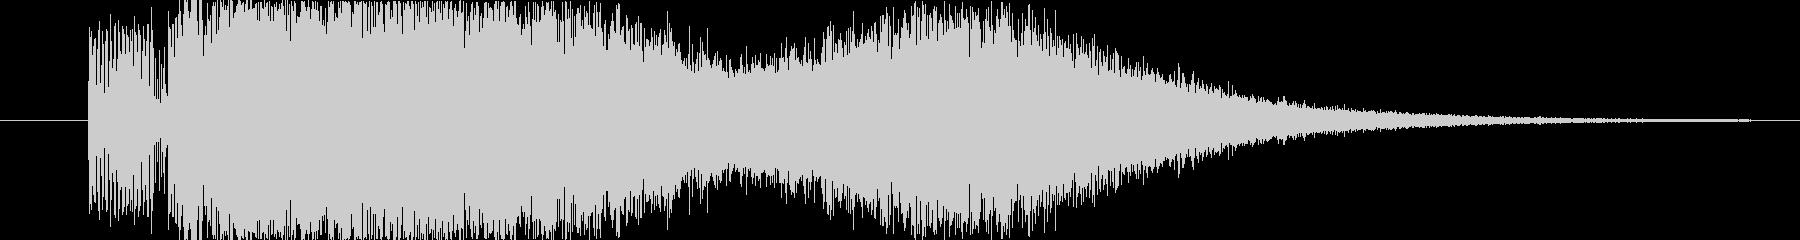 ブーストスイープバージョン6の未再生の波形